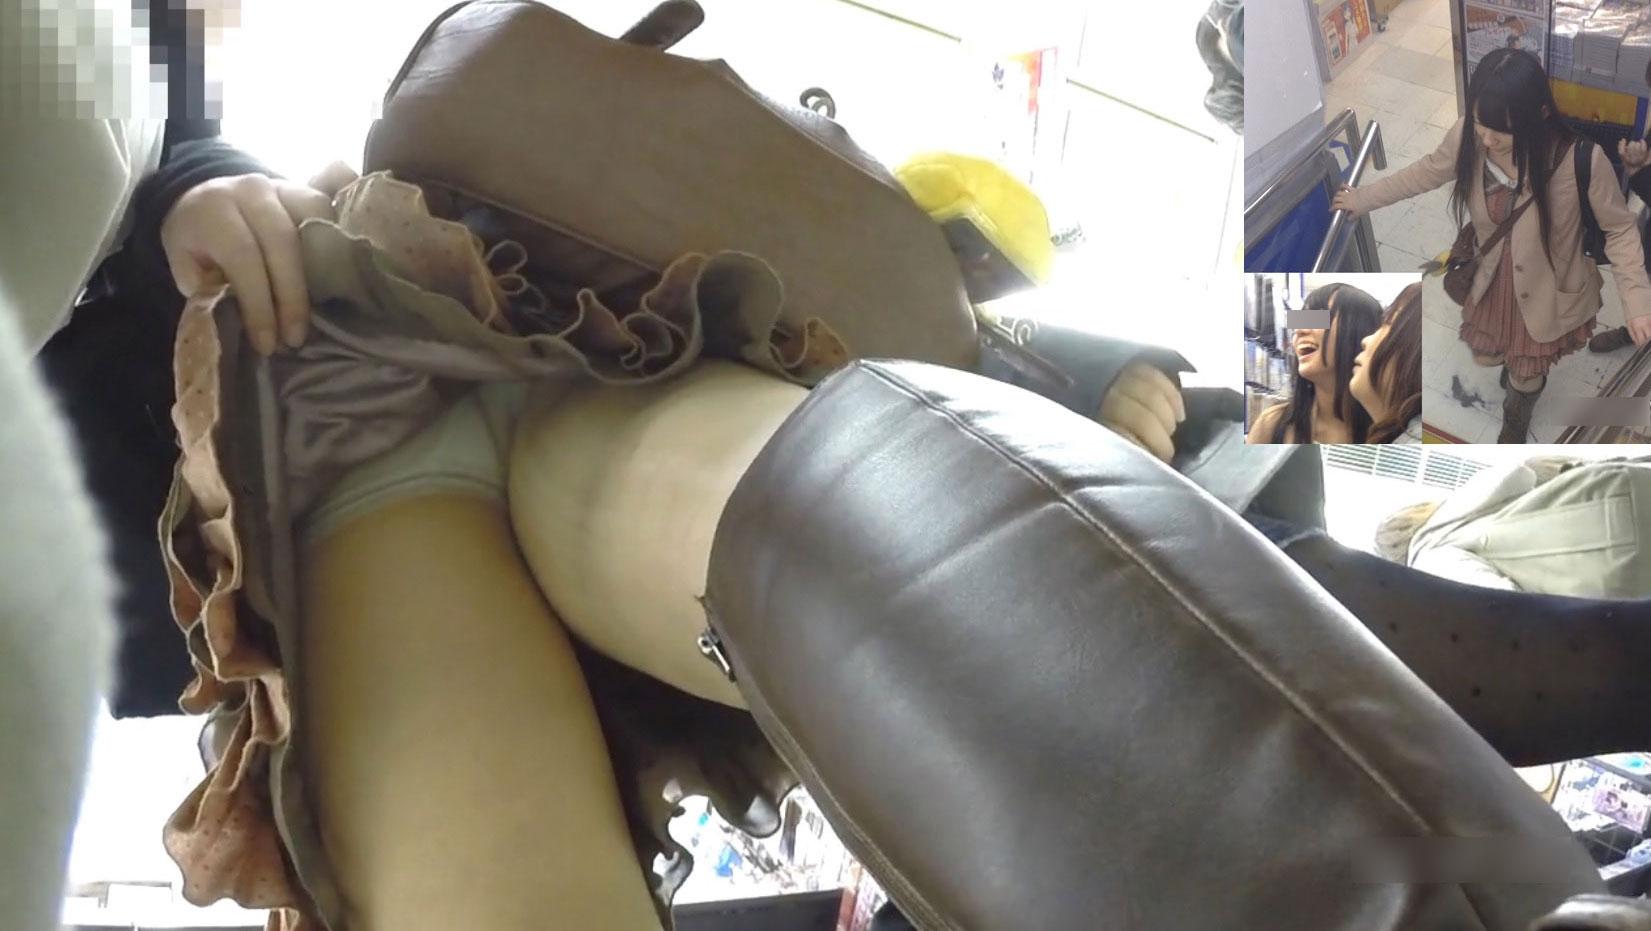 【パンチラ画像】見えぬなら捲ってしまえw執念のスカート捲り上げ撮りwww 15